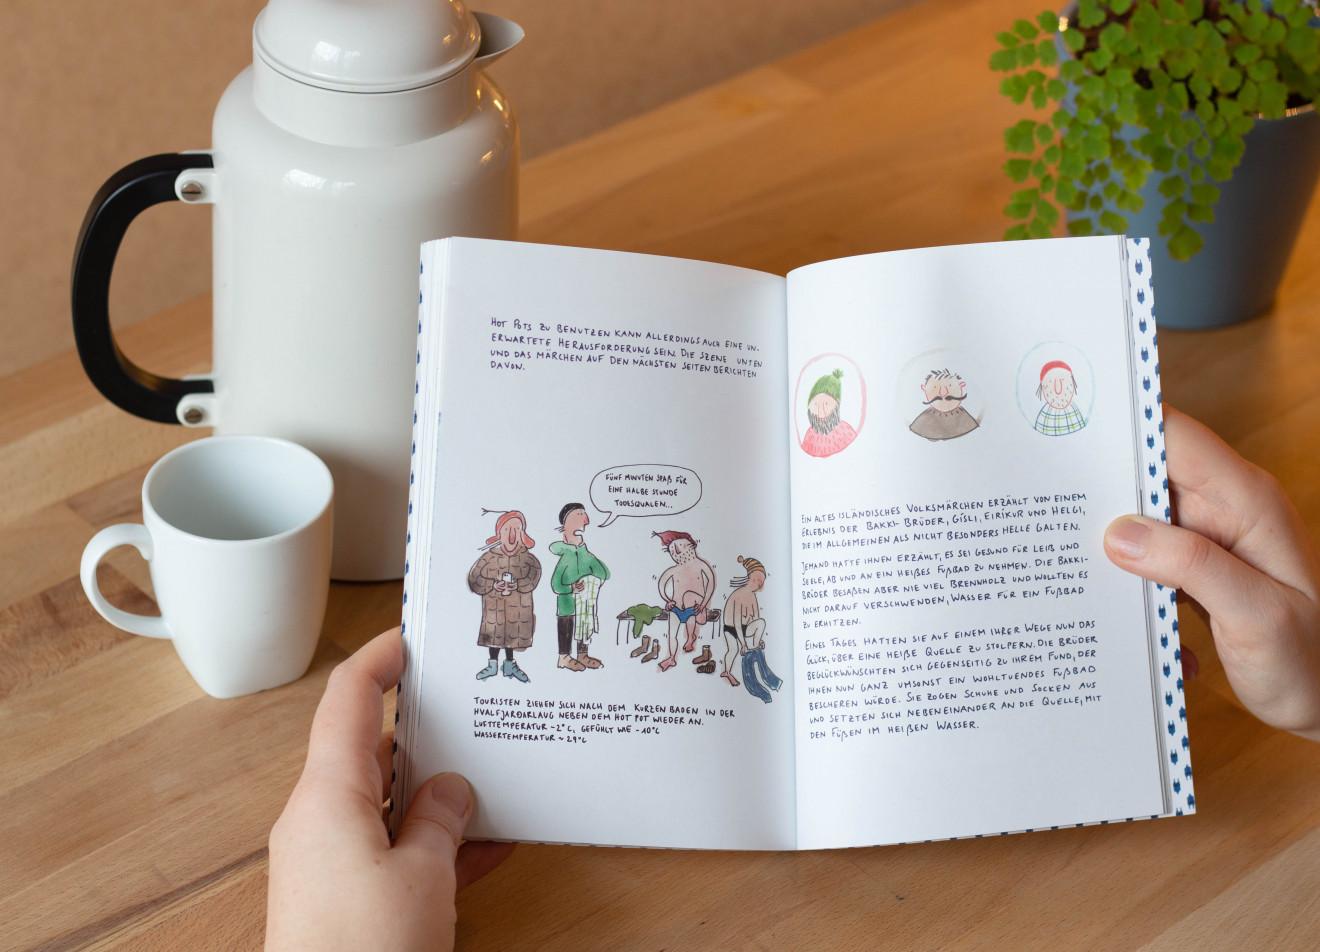 Geöffnetes Buch auf einem Küchentisch, daneben eine Kaffeetasse.